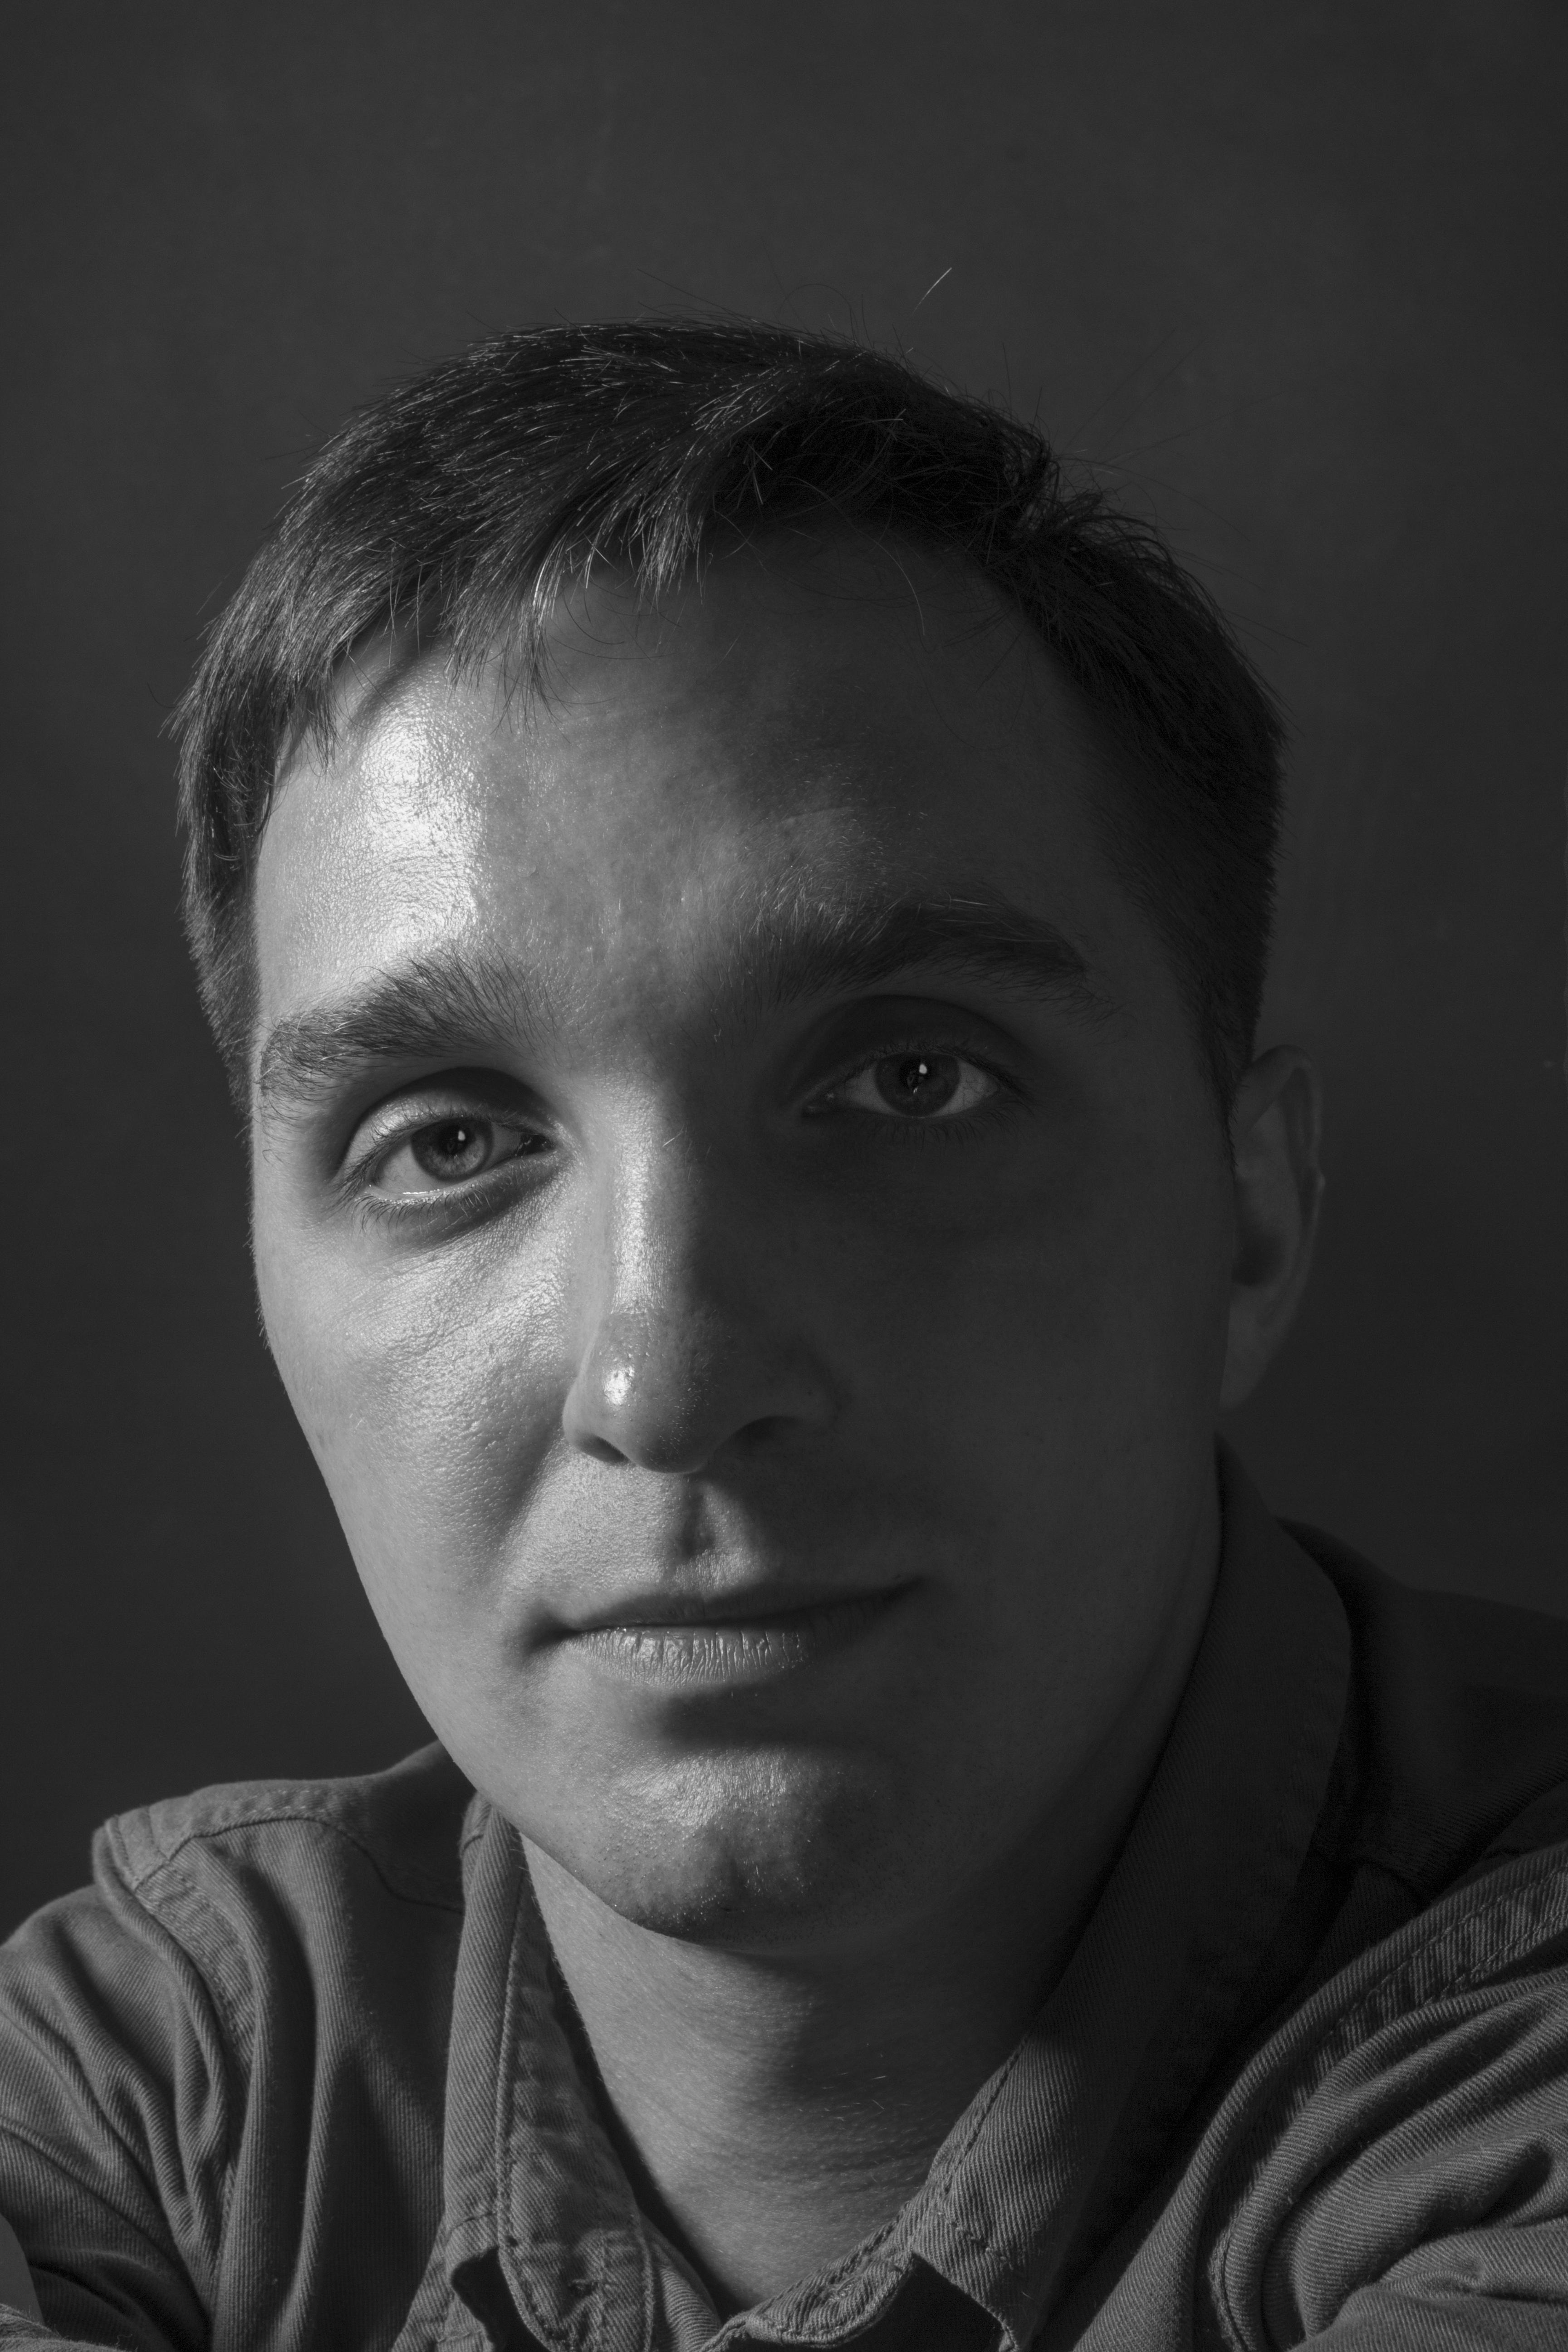 Фотограф руденко киев модели онлайн саров